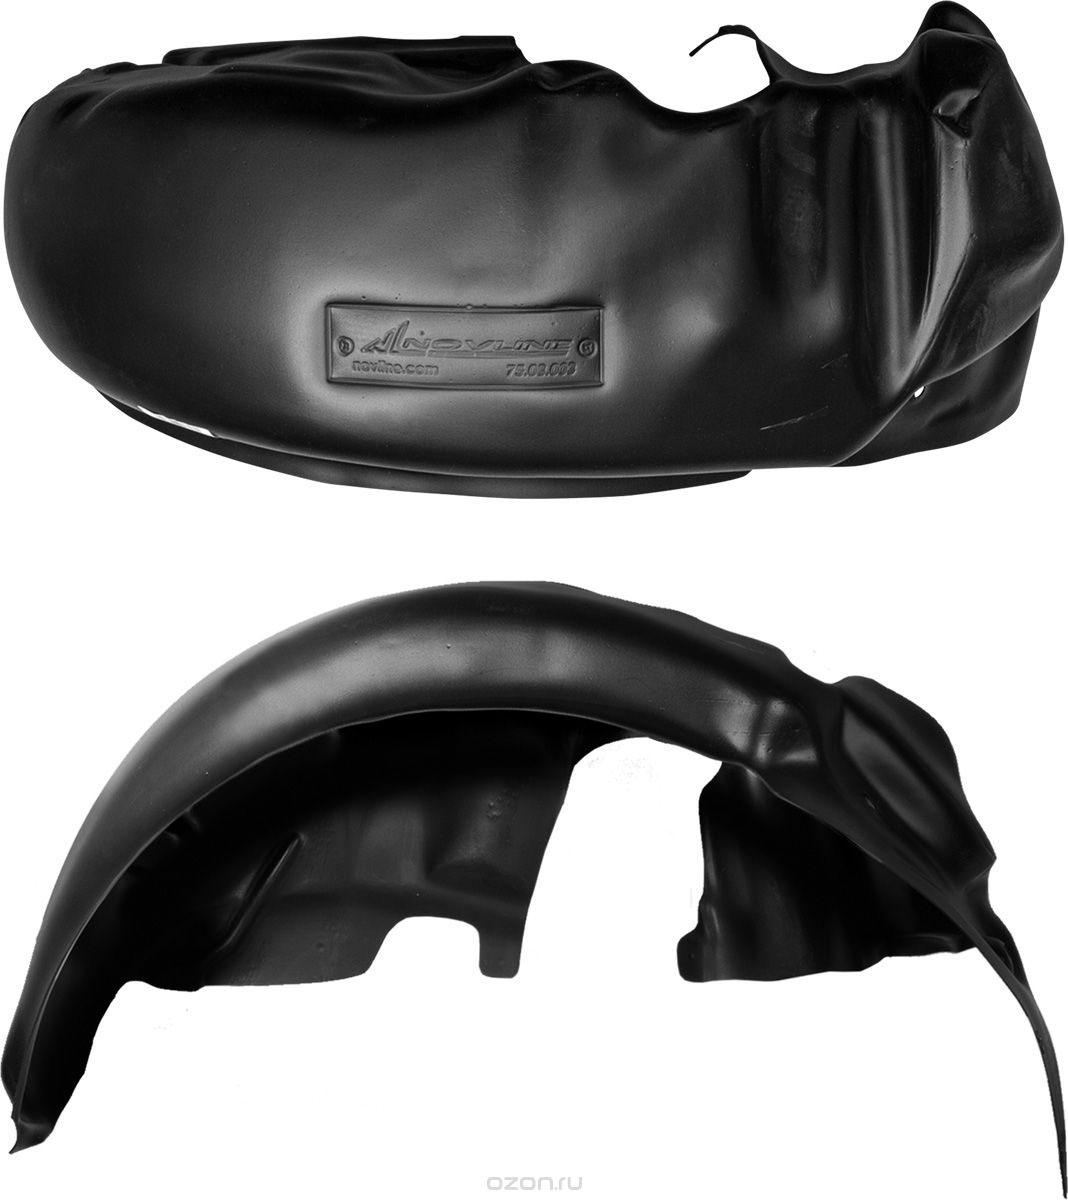 Подкрылок Novline-Autofamily, для Toyota Highlander, 2013->, задний левыйNLL.48.58.003Идеальная защита колесной ниши. Локеры разработаны с применением цифровых технологий, гарантируют максимальную повторяемость поверхности арки. Изделия устанавливаются без нарушения лакокрасочного покрытия автомобиля, каждый подкрылок комплектуется крепежом. Уважаемые клиенты, обращаем ваше внимание, что фотографии на подкрылки универсальные и не отражают реальную форму изделия. При этом само изделие идет точно под размер указанного автомобиля.